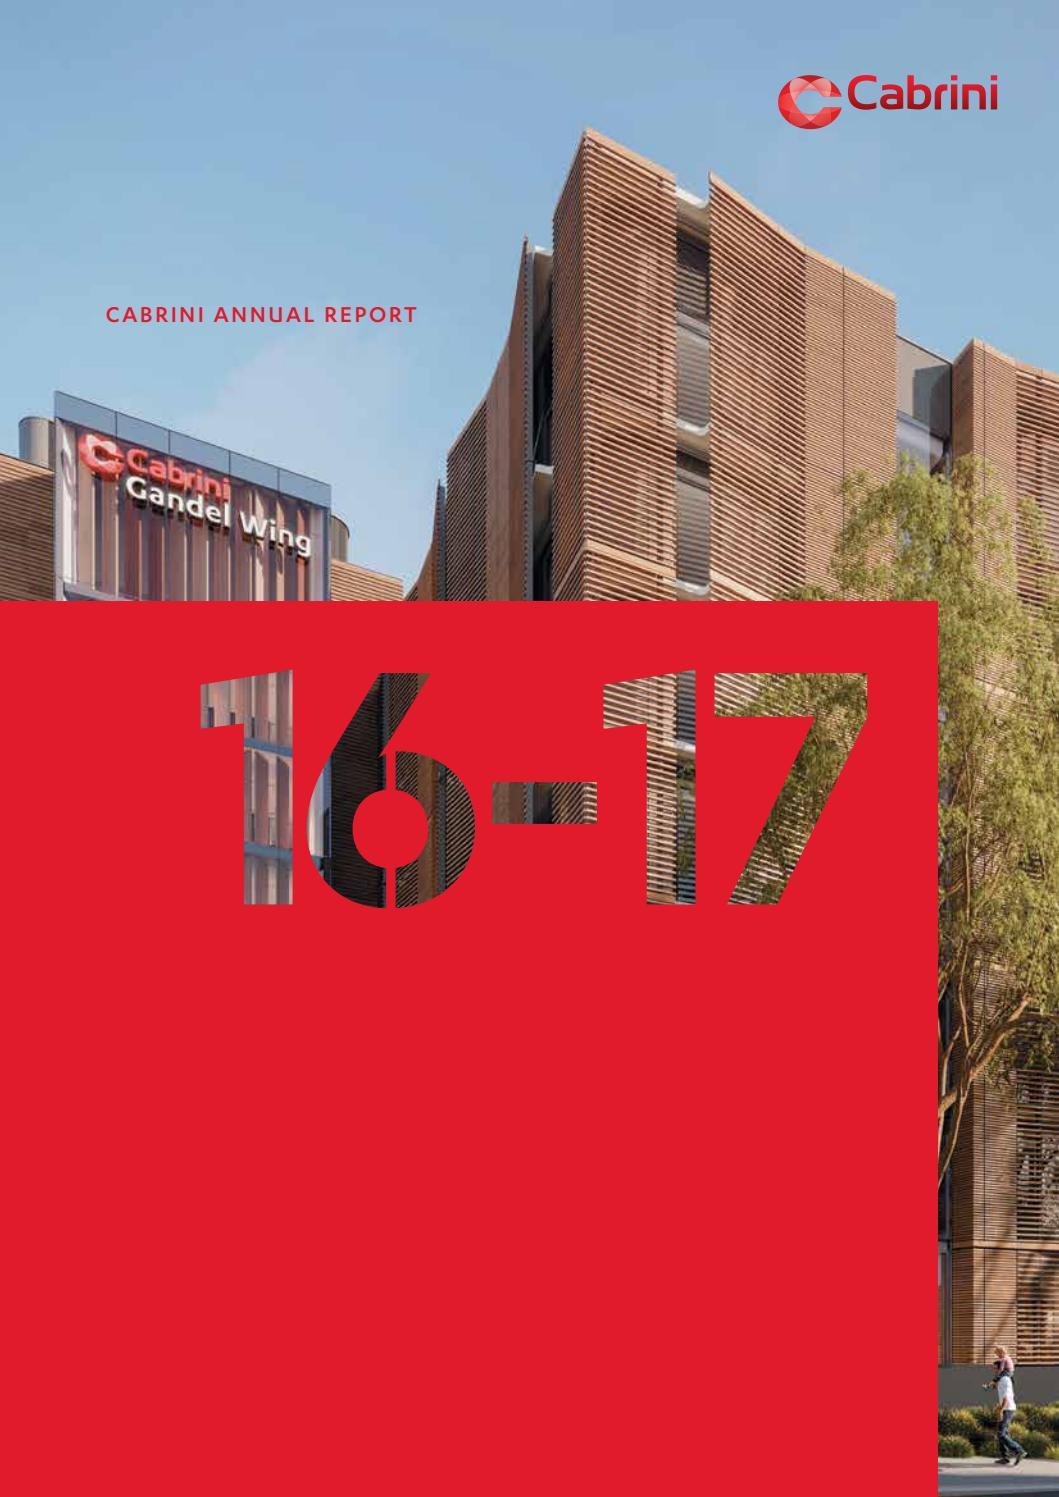 Cabrini Annual Report 2016-17 by Cabrini Health - issuu